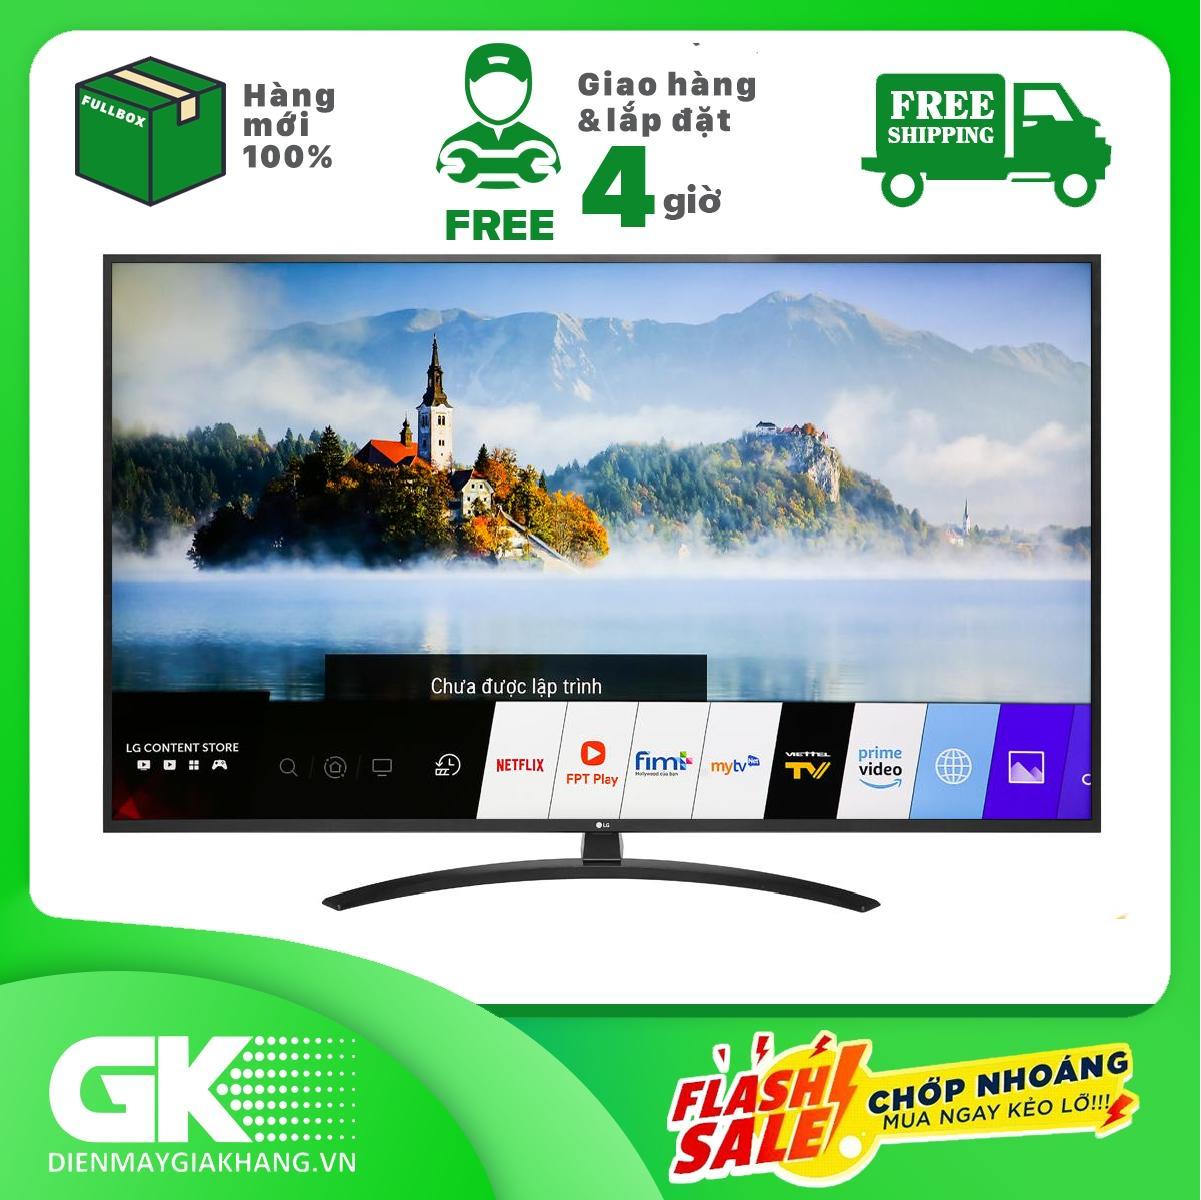 TRẢ GÓP 0% – Smart Tivi LG 4K 65 inch 65UM7400PTA – Hàng mới 100% – Bảo hành 24 tháng